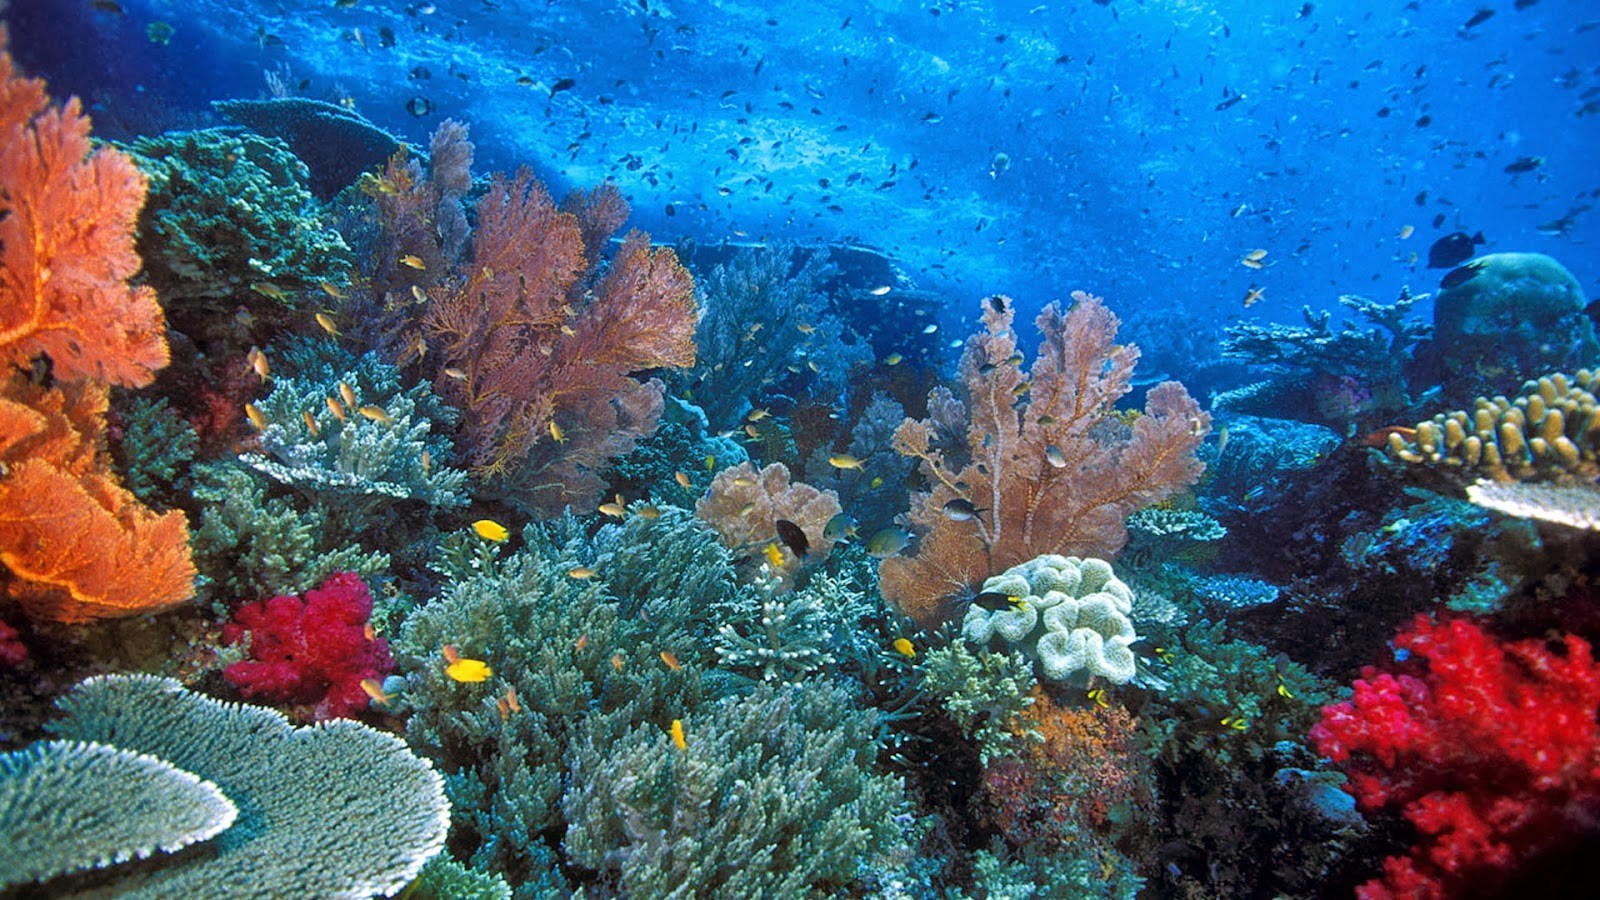 Bawah Laut Pulau Weh